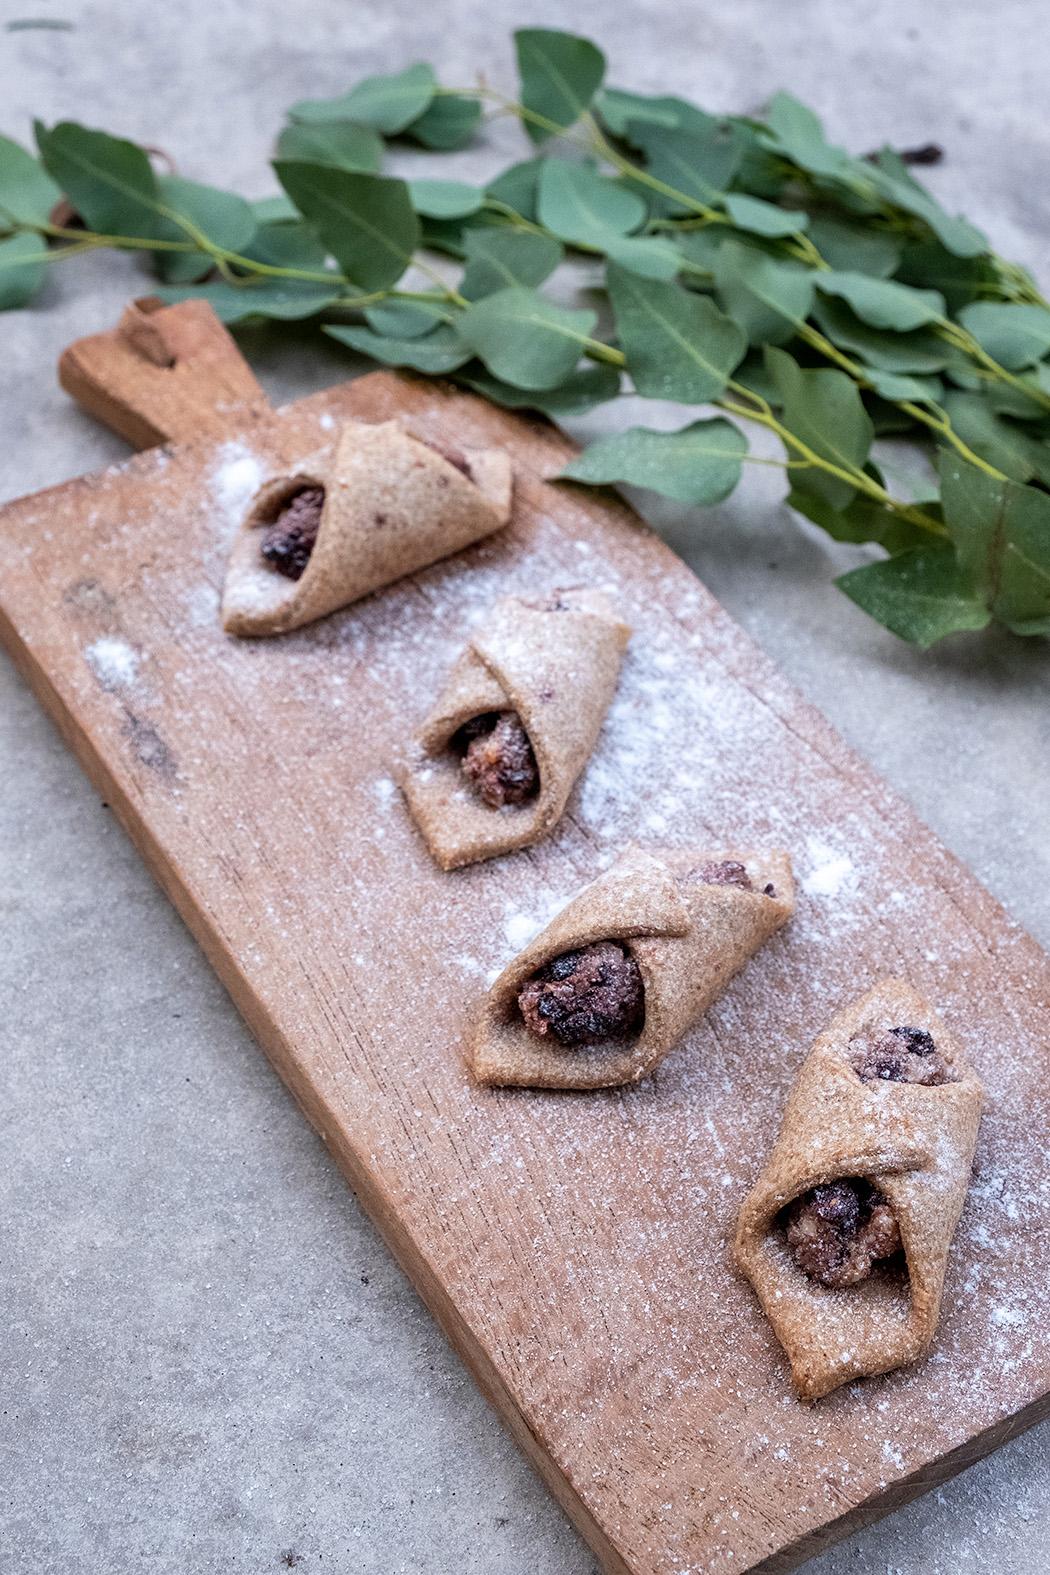 Mandelkekse mit Chia Samen und getrockneten Sauerkirschen02